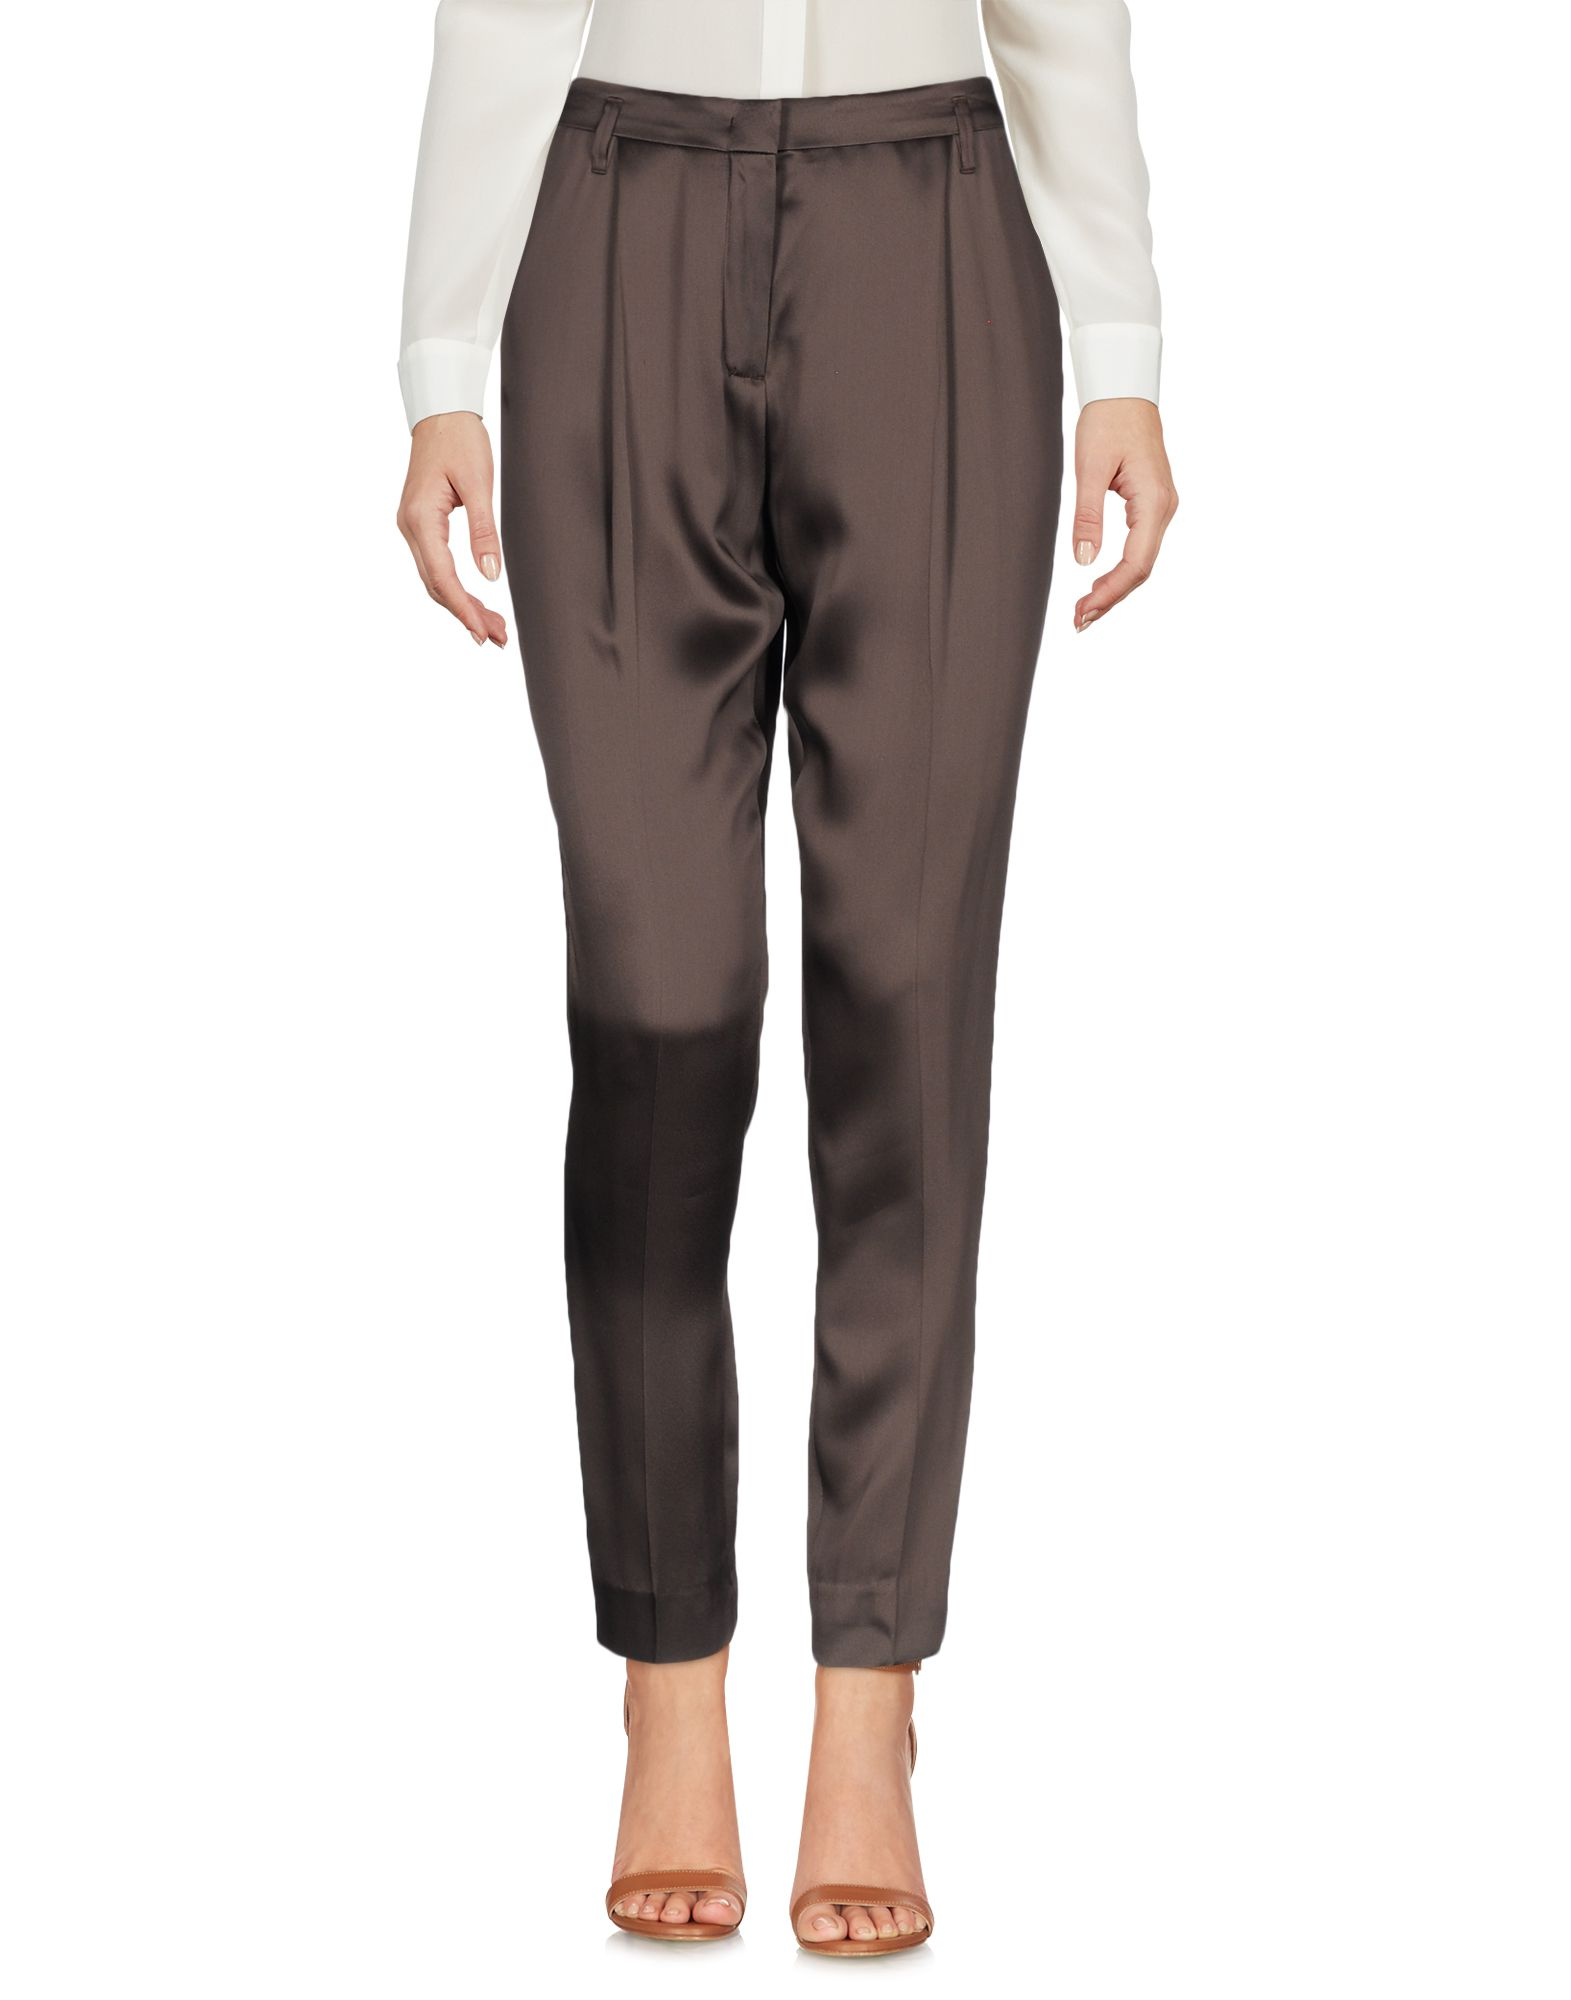 Pantalone Schumacher Donna - Acquista online su 81RRIz